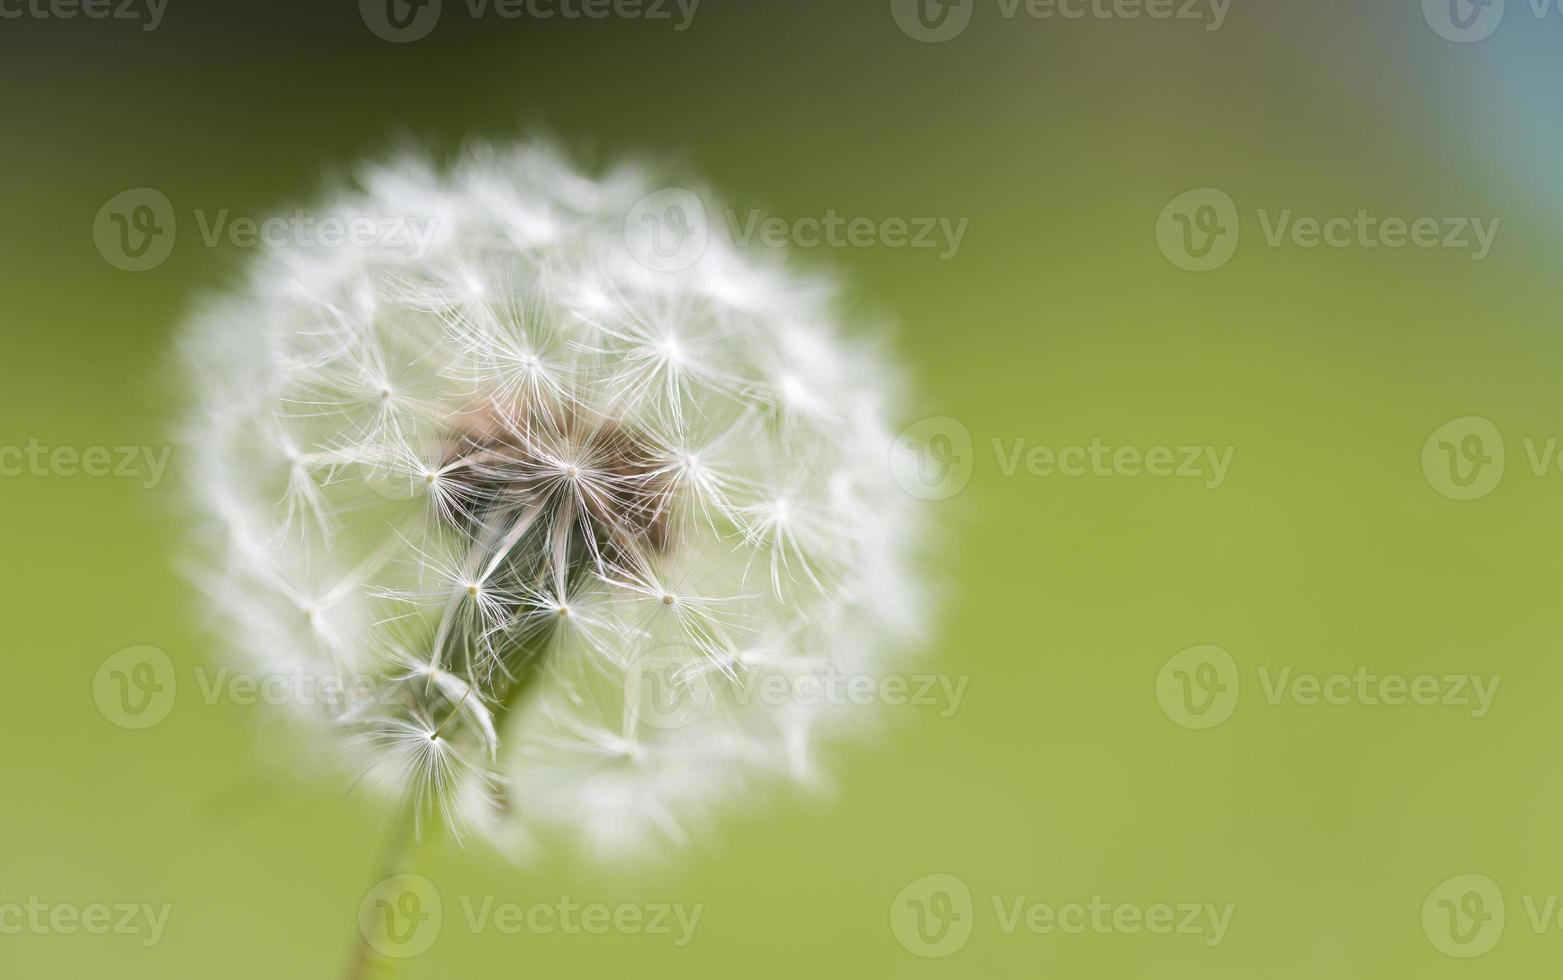 Dandelion seed head flower photo